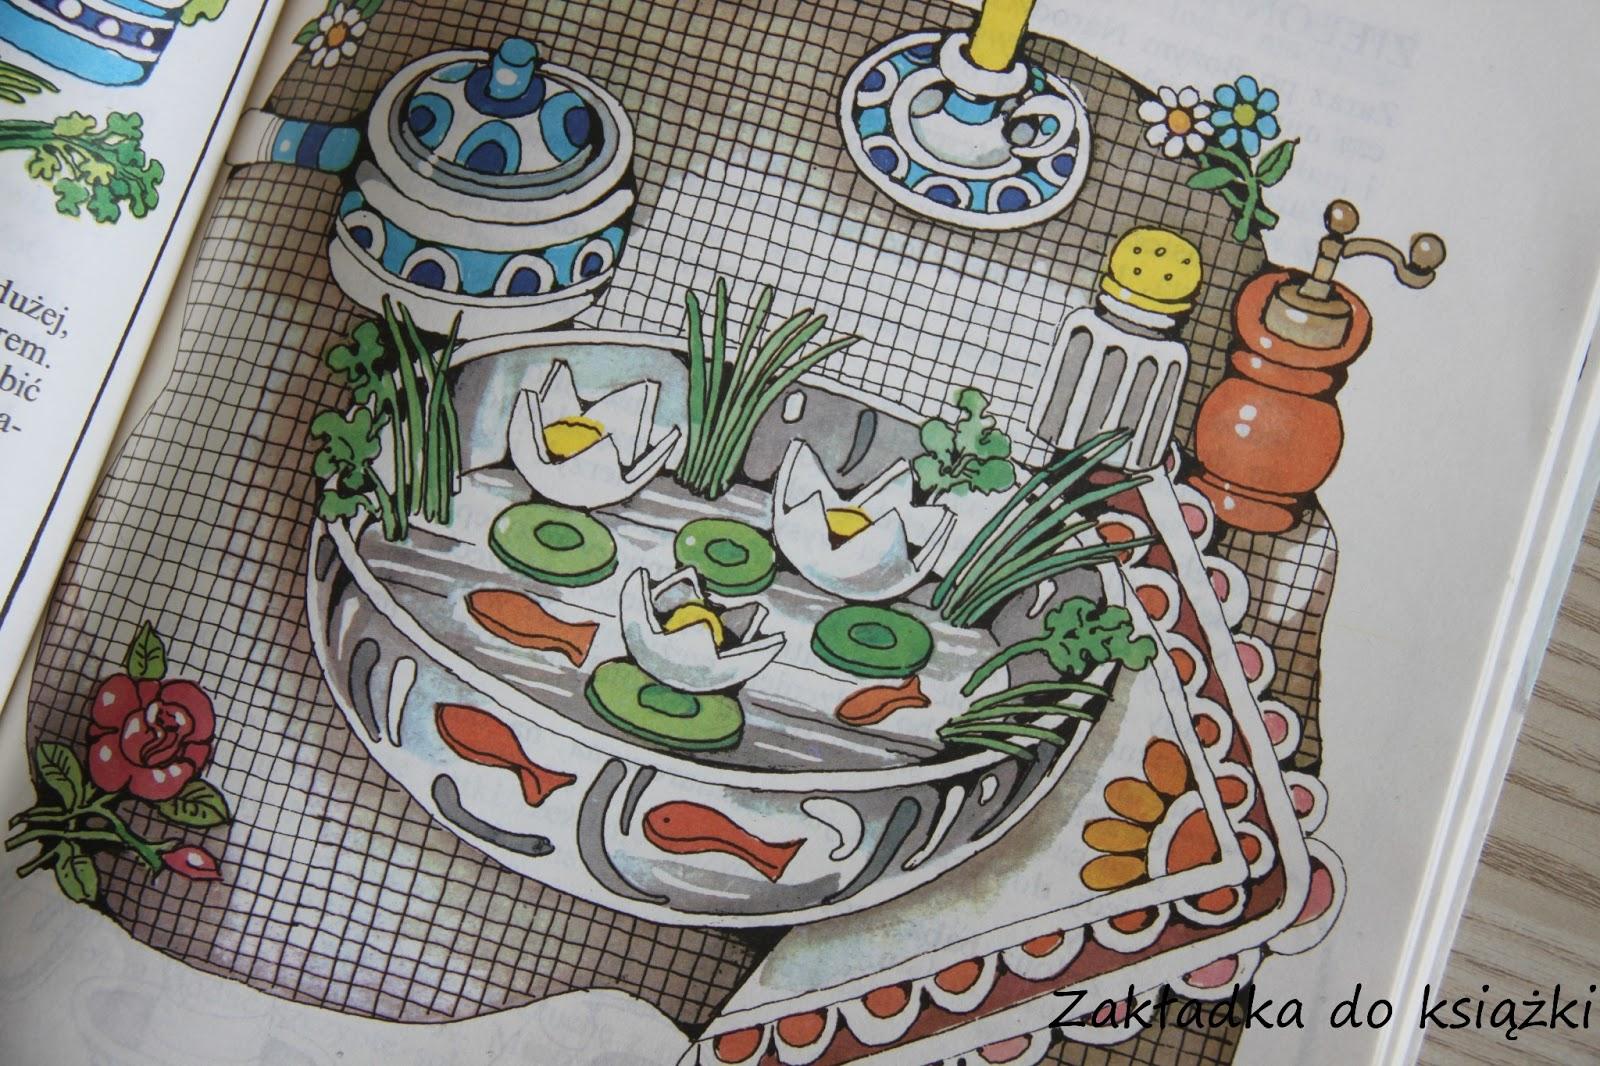 Zakładka do książki Kuchnia pełna cudów, Marii Terlikowskiej -> Kuchnia Dla Dzieci Lublin